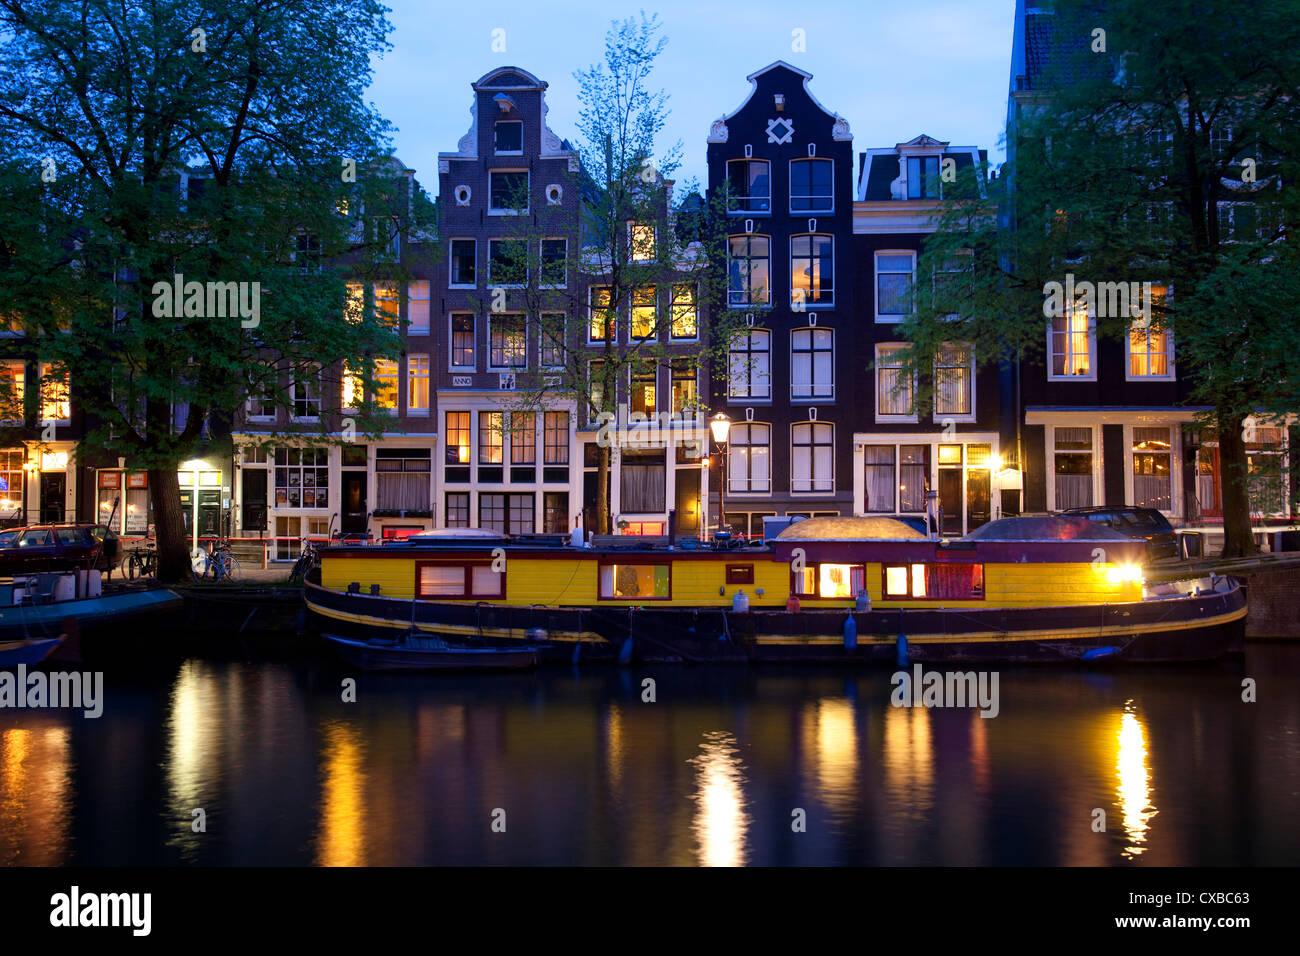 Canal Boat e architettura, Amsterdam, Olanda, Europa Immagini Stock